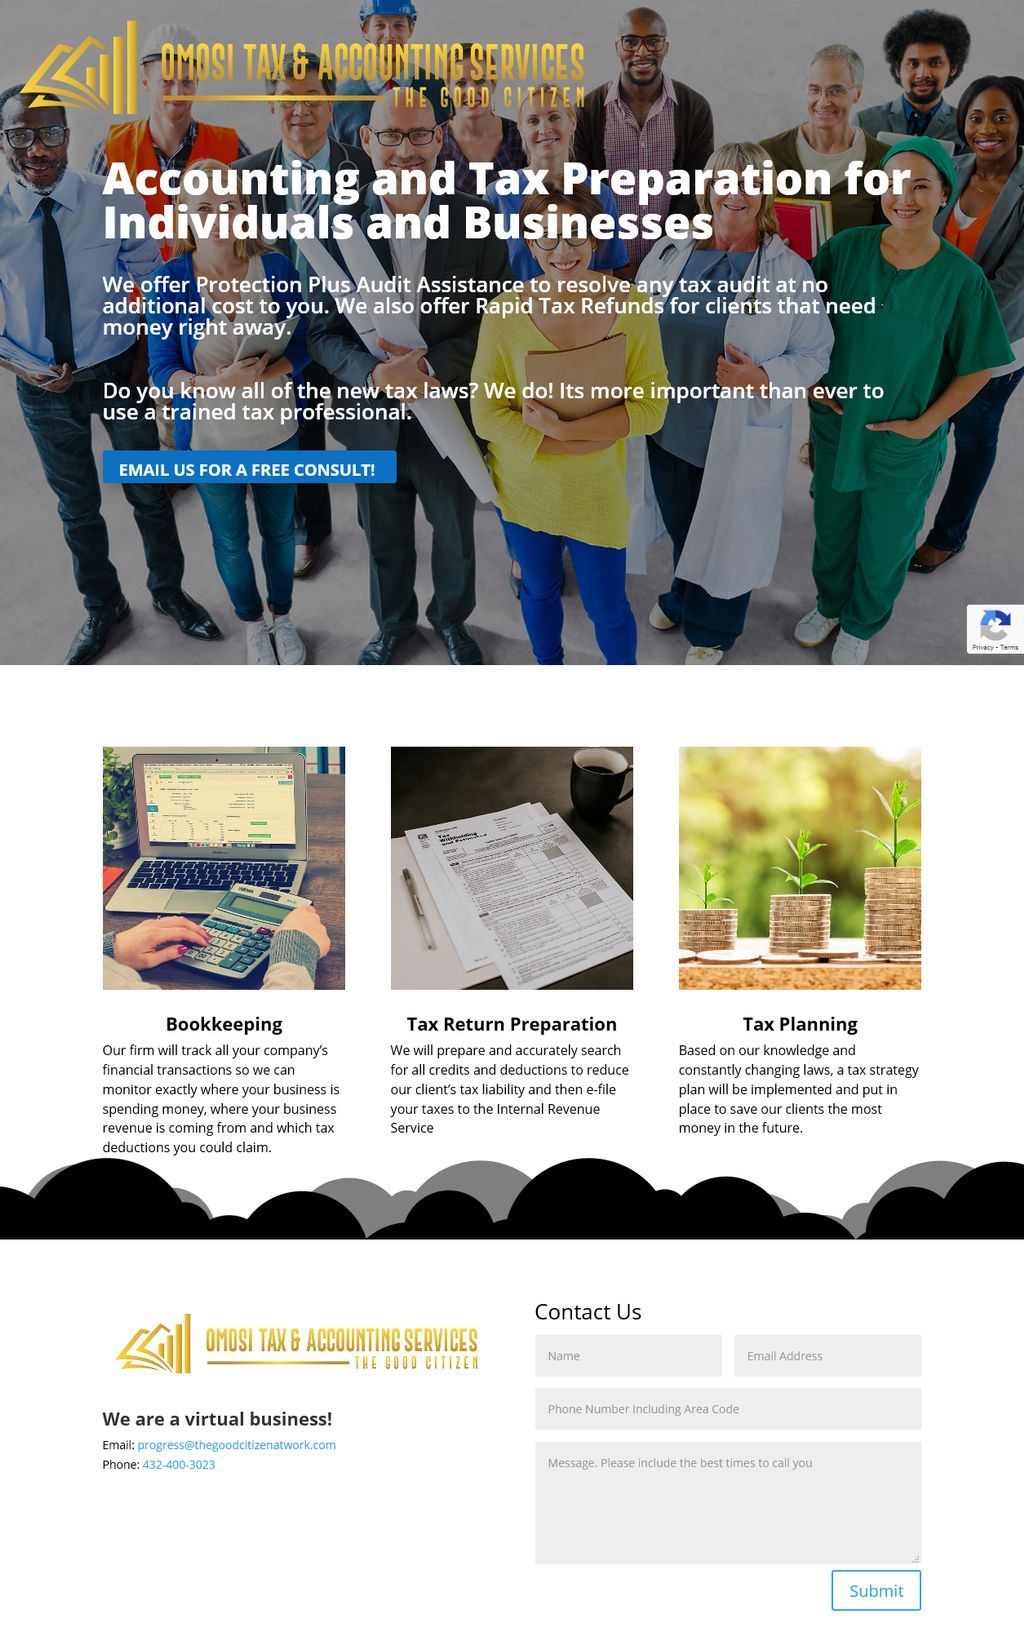 Web Design - 2021